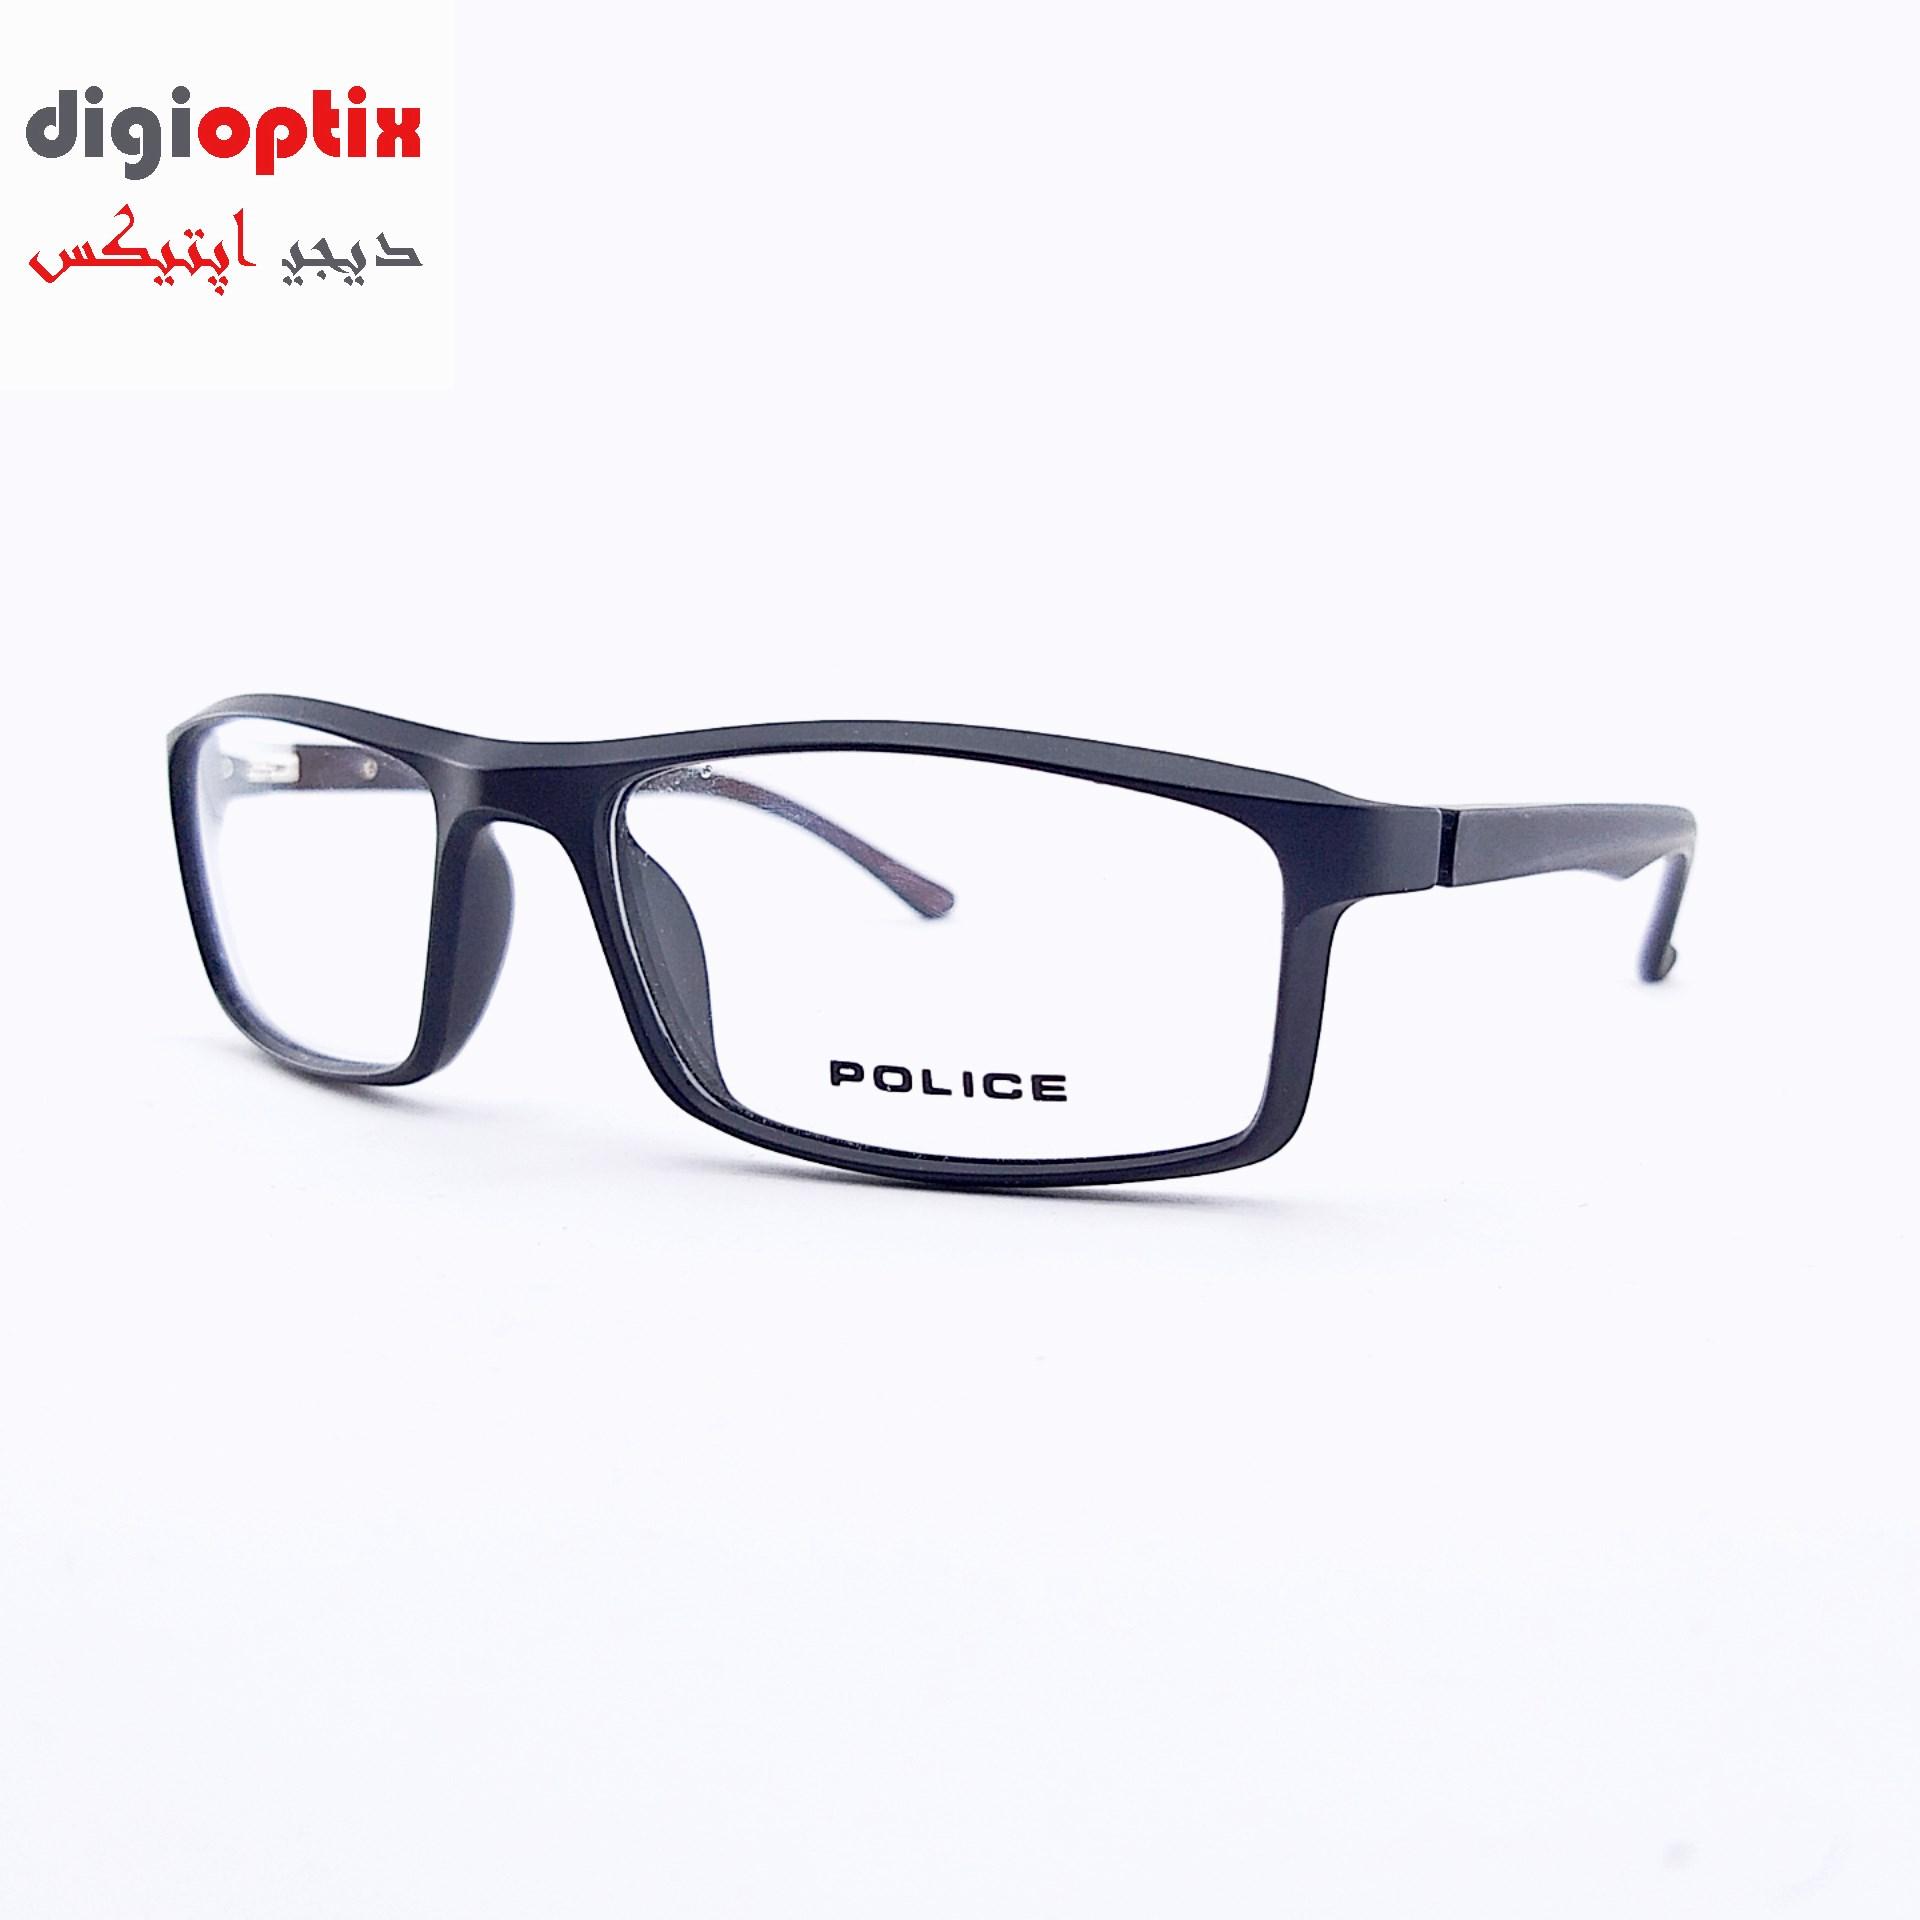 فریم عینک طبی اسپورت مارک POLICE رنگ مشکی مات مدل H86